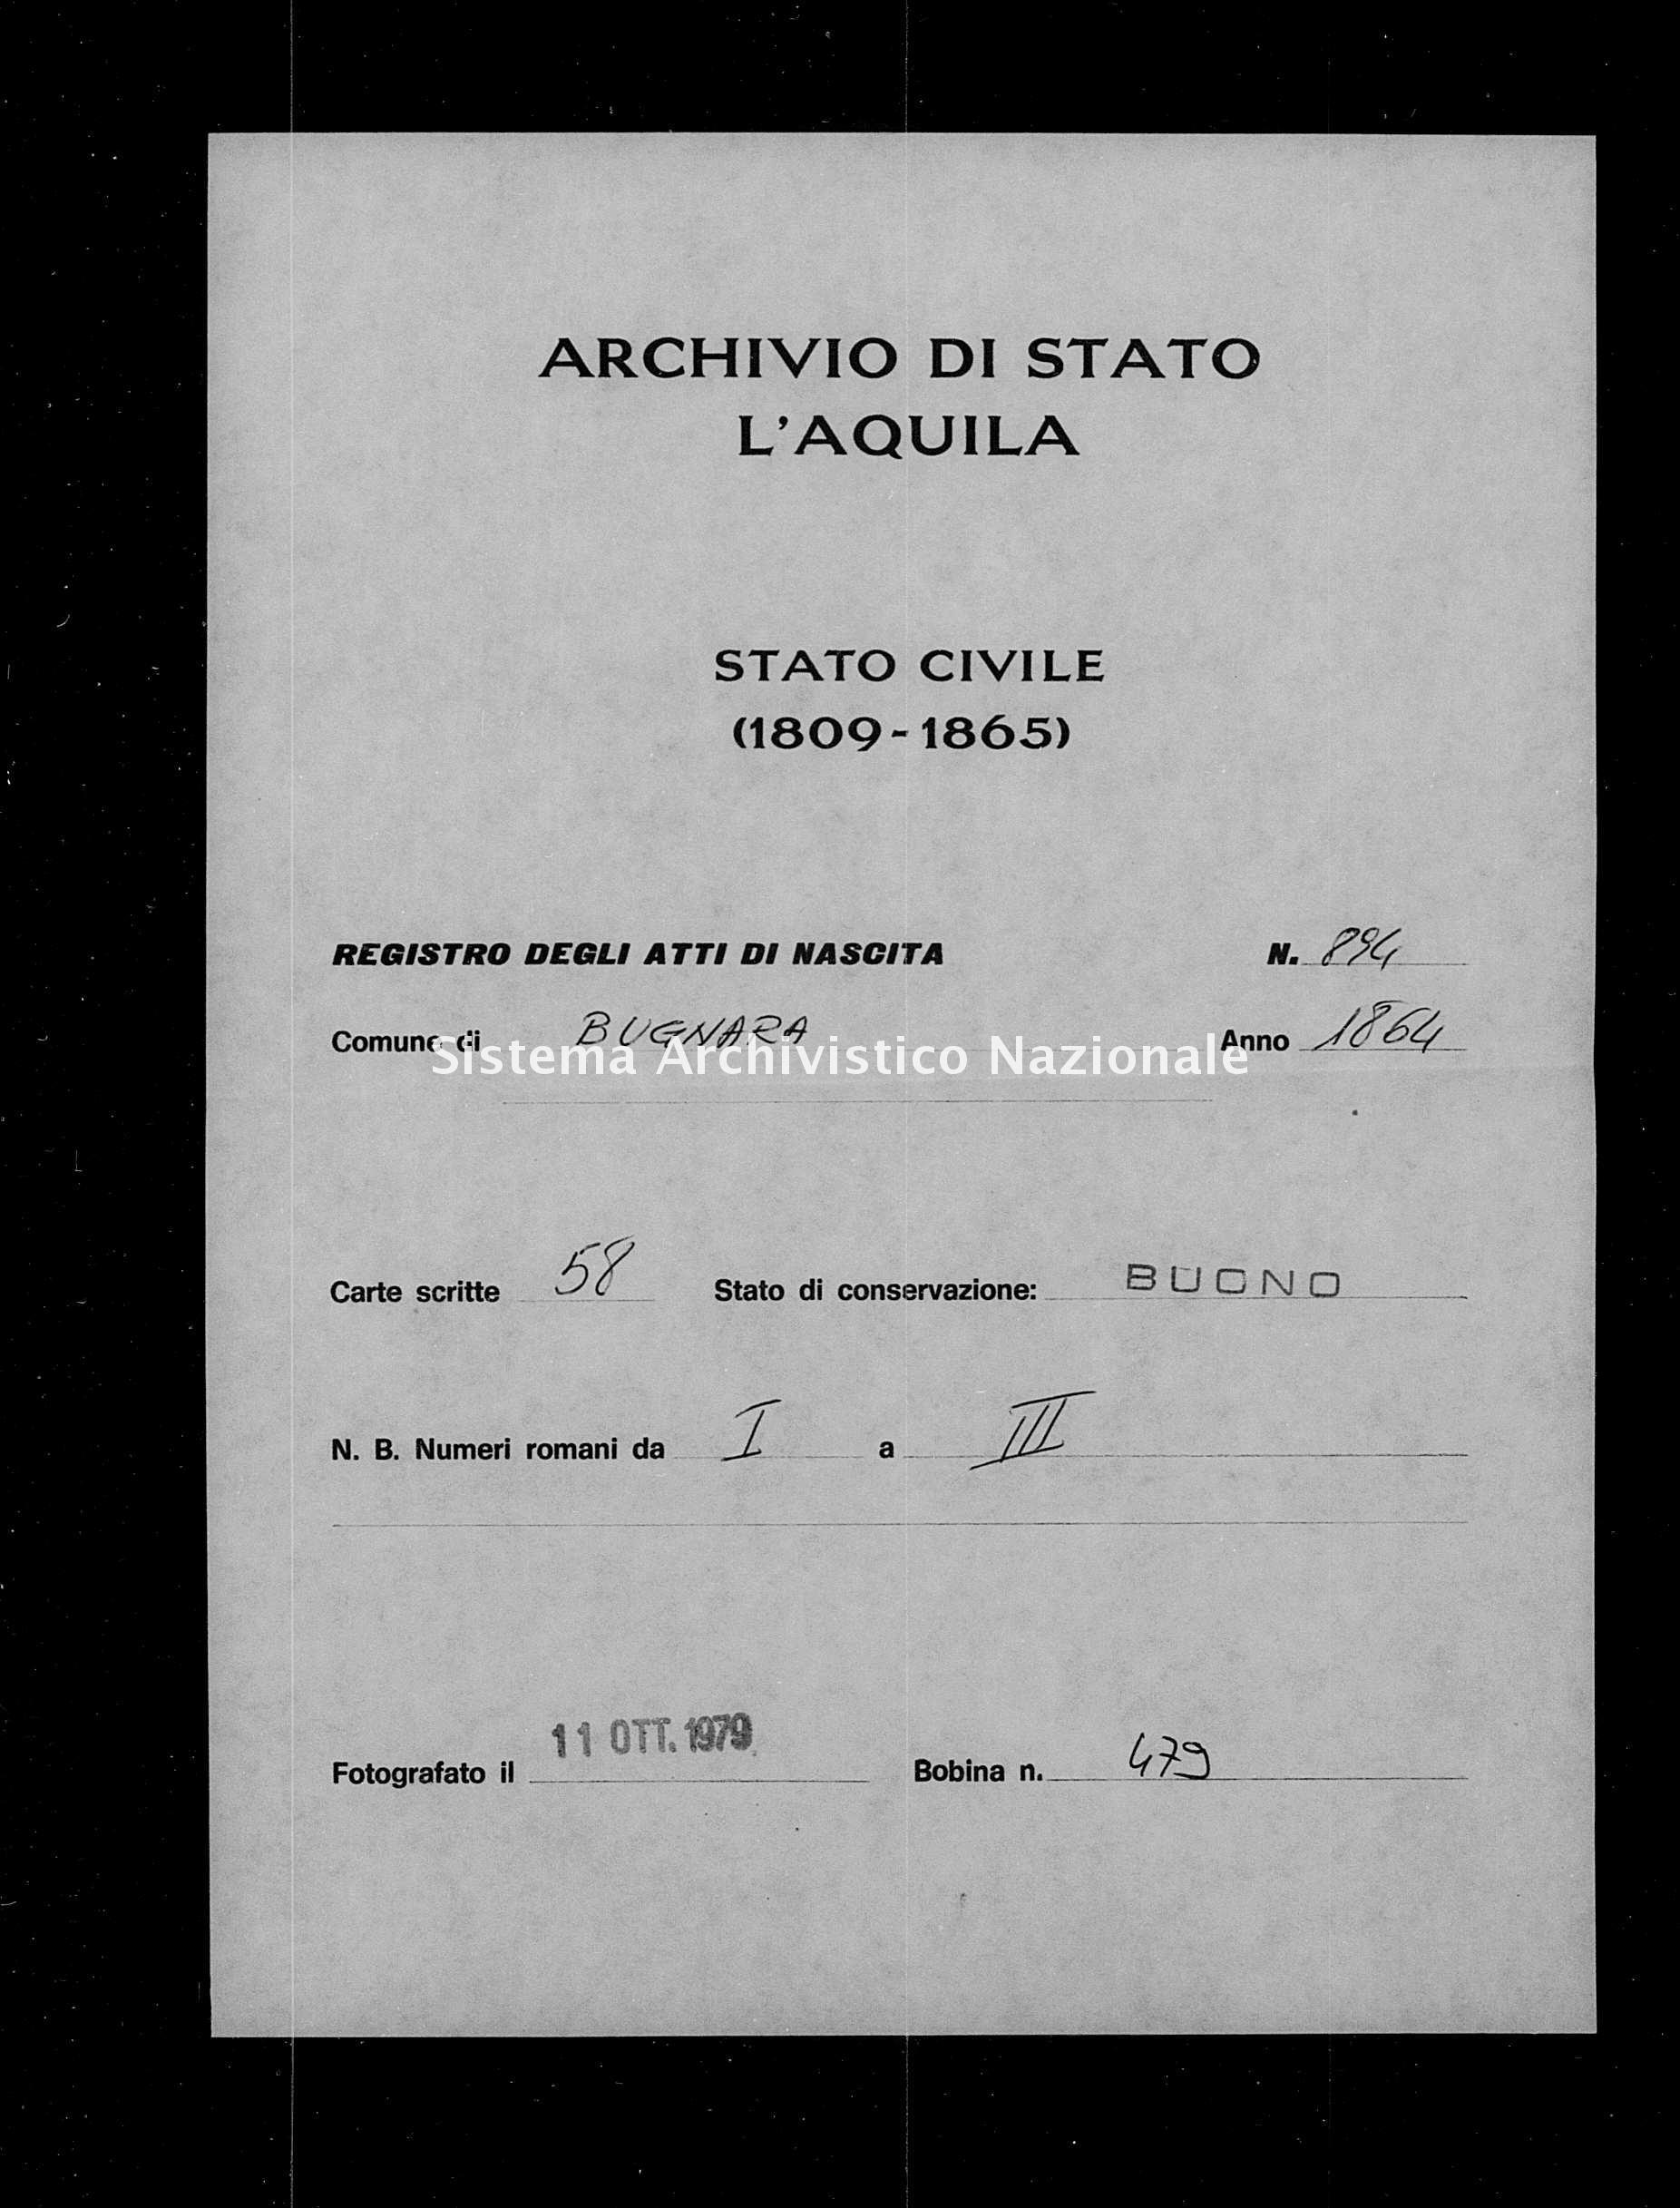 Archivio di stato di L'aquila - Stato civile italiano - Bugnara - Nati - 04/01/1863-20/12/1863 - 894 -